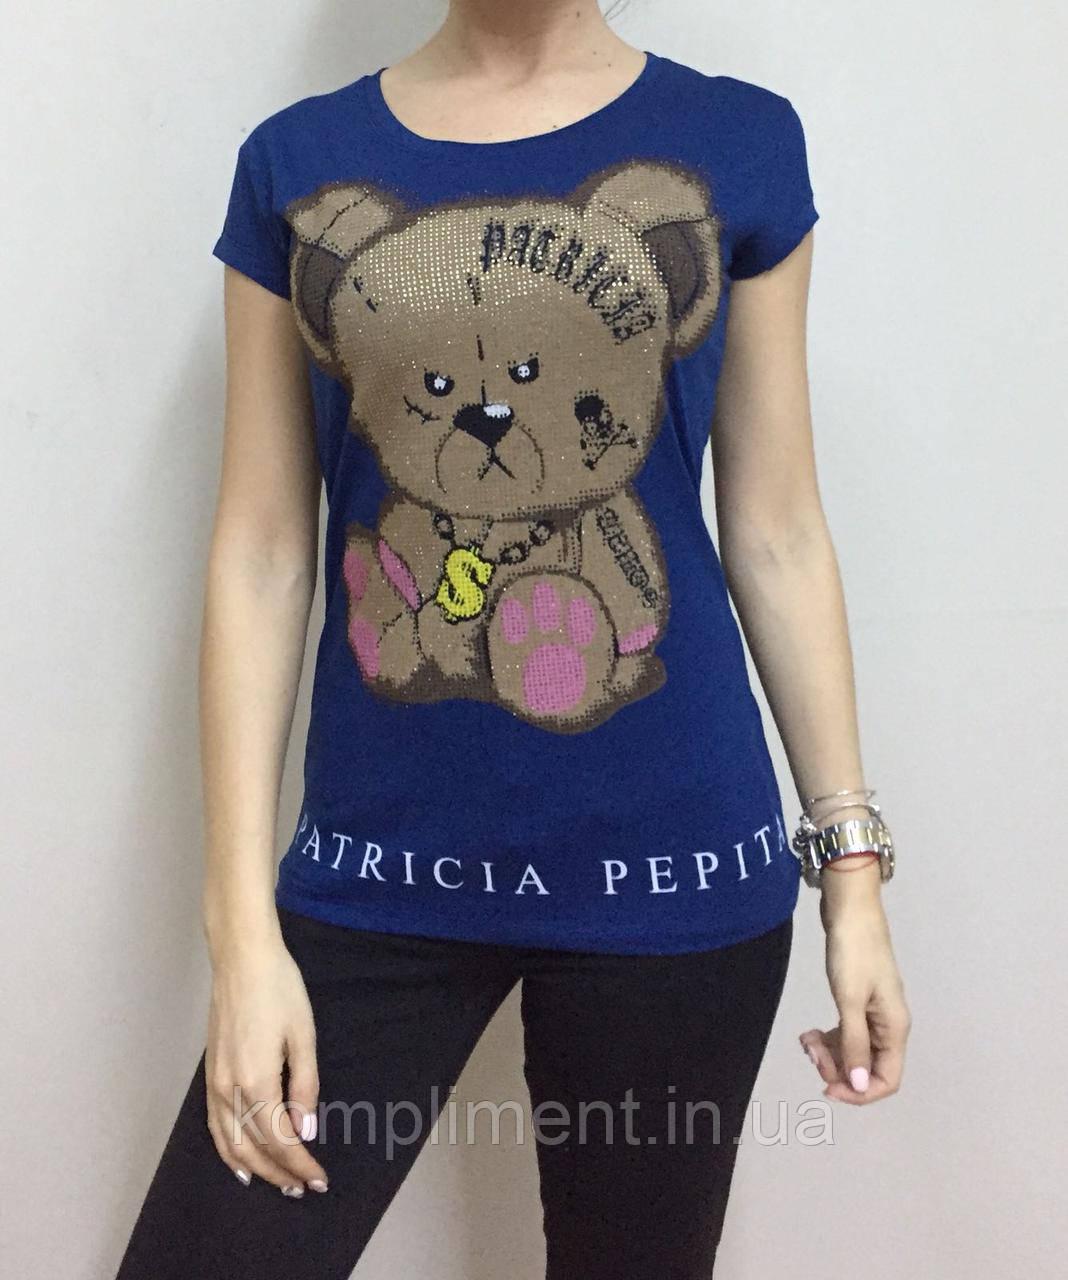 Летняя женская турецкая футболка  рисунком мишки синий